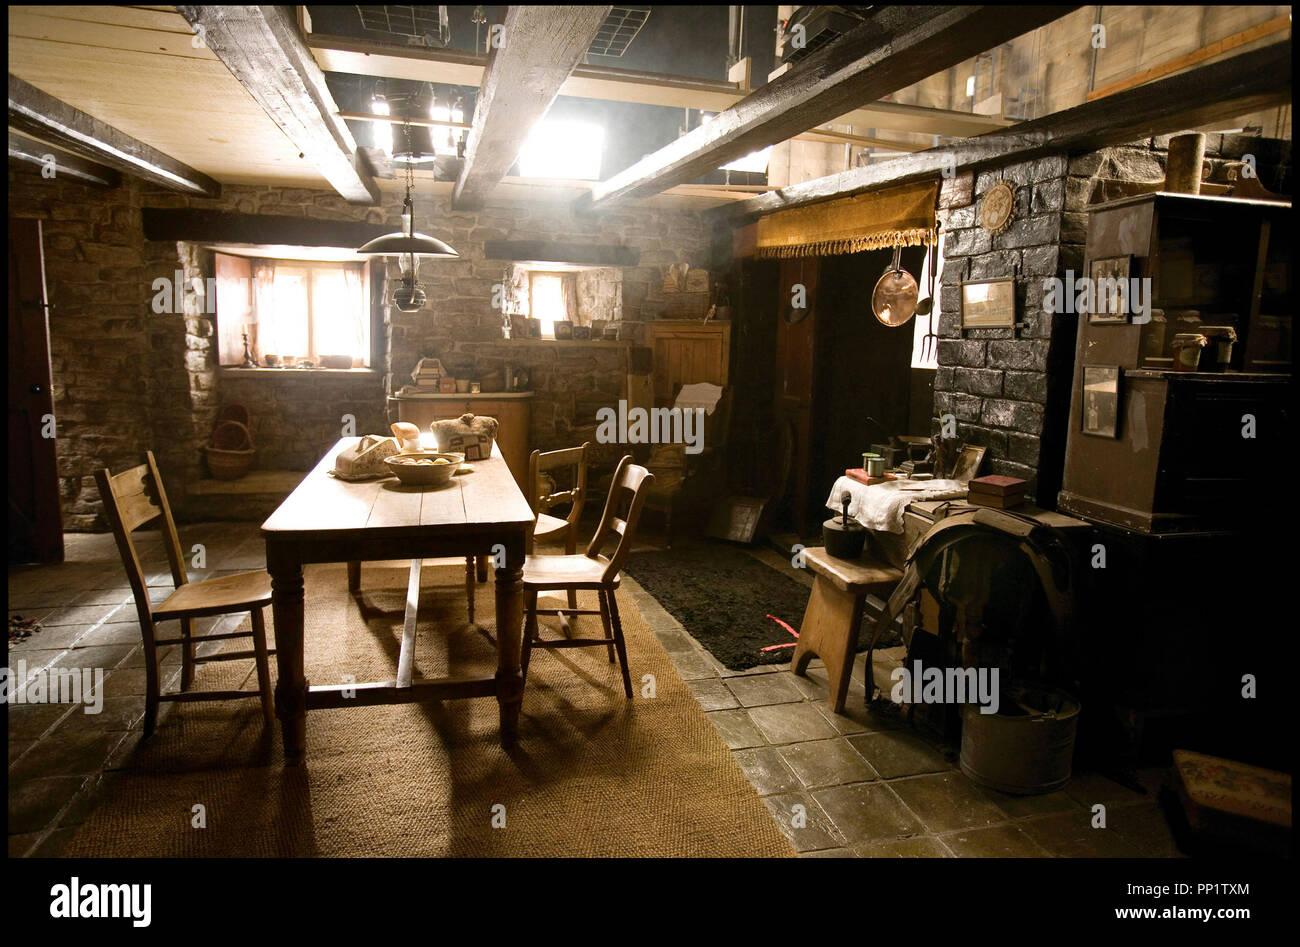 Intérieur De Maison Stockfotos & Intérieur De Maison Bilder ...